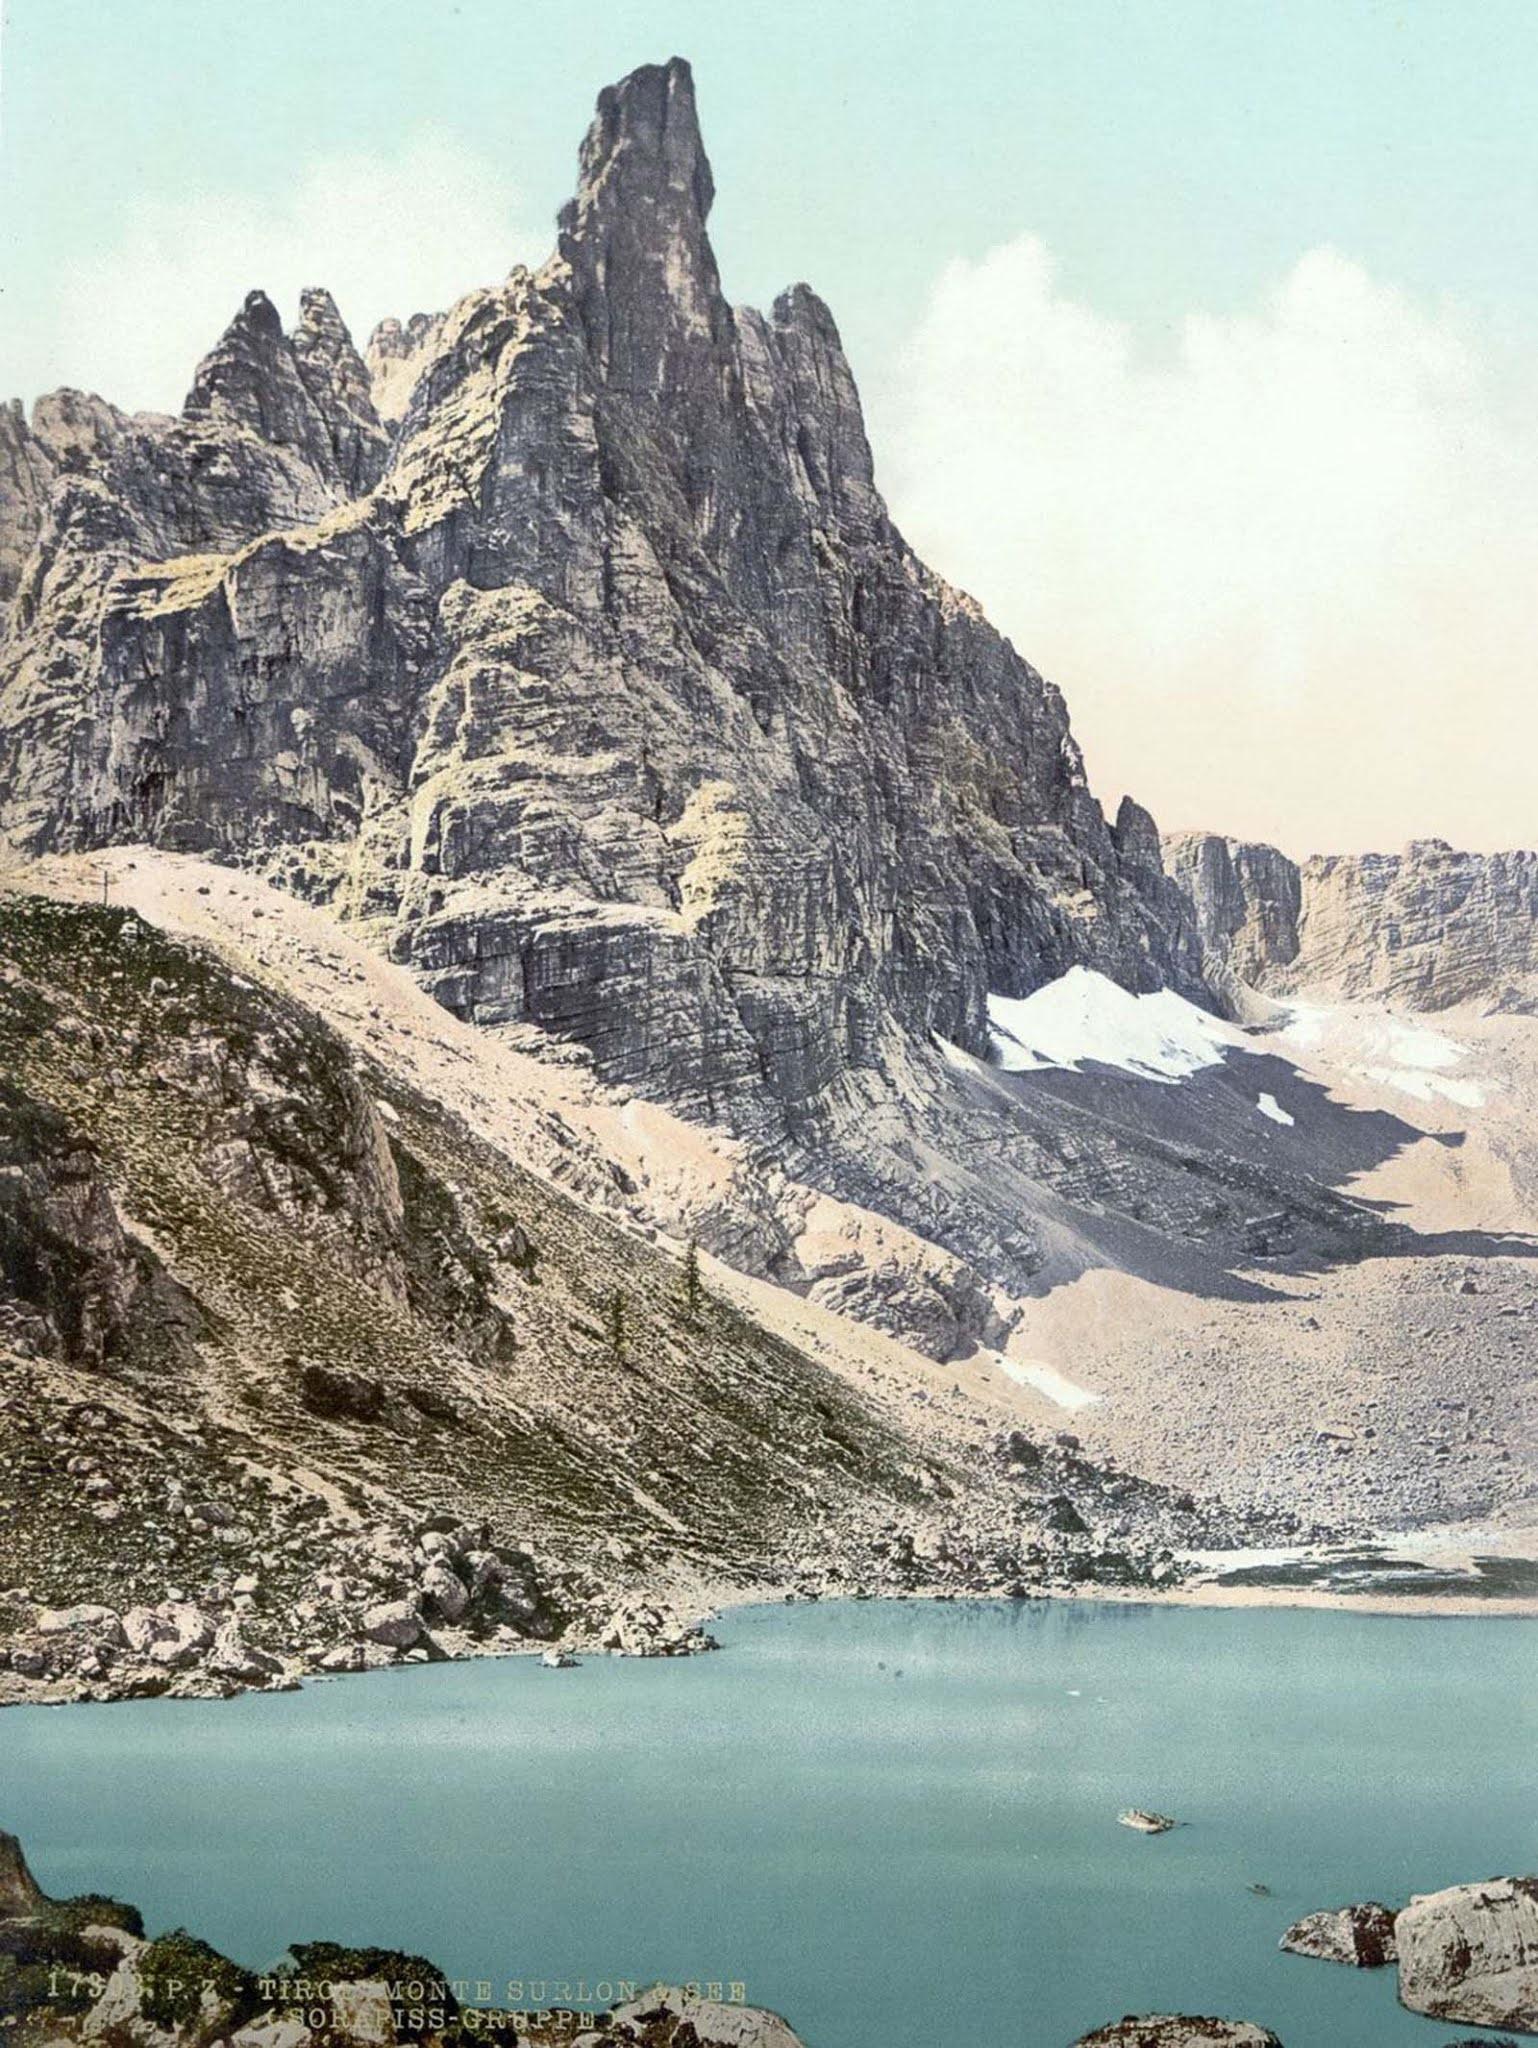 Mt. Surlon and Sorapiss.